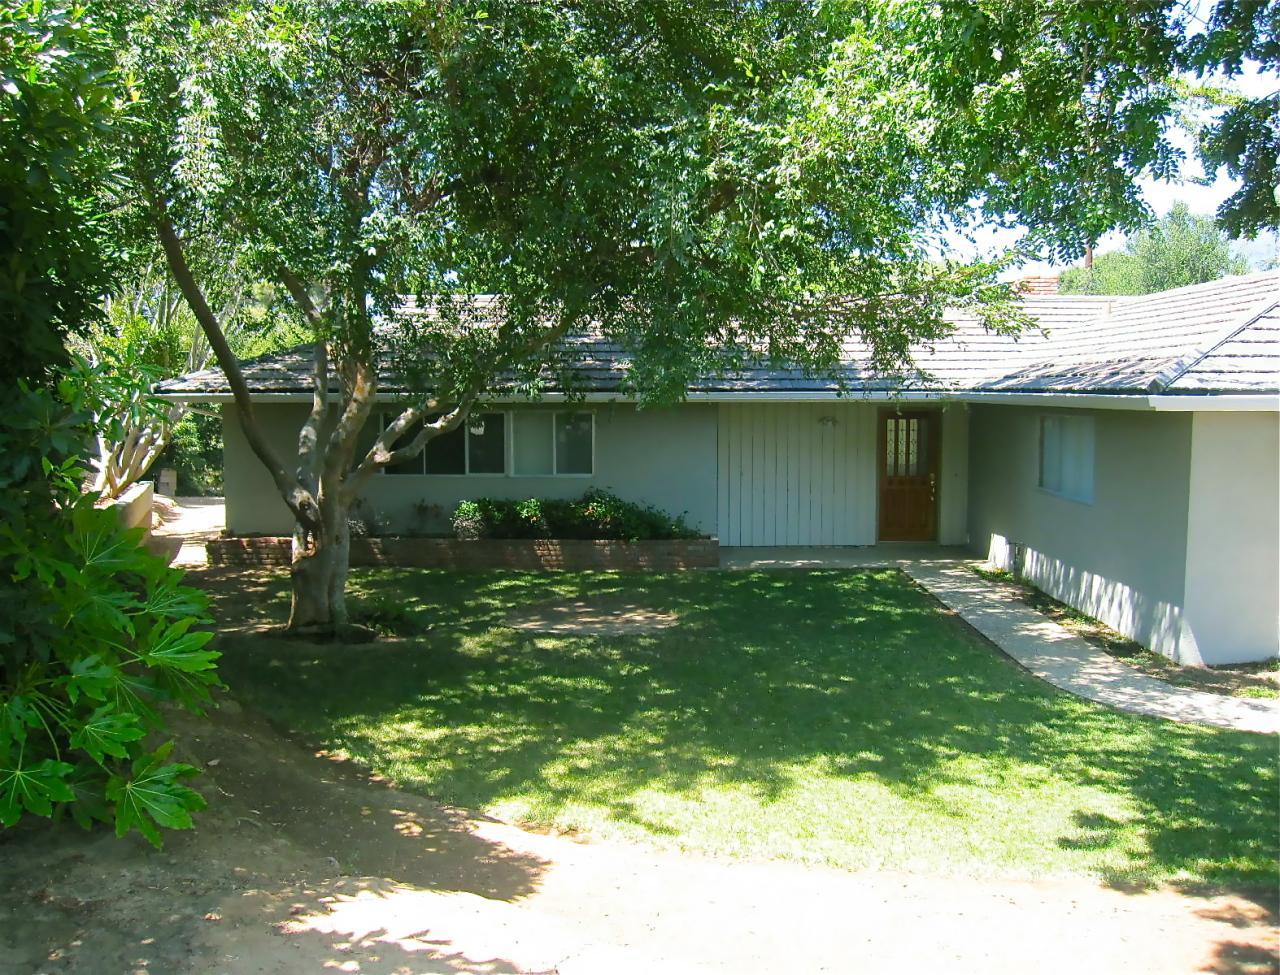 Property photo for 484 Vaquero LN Santa Barbara, California 93111 - 11-2943